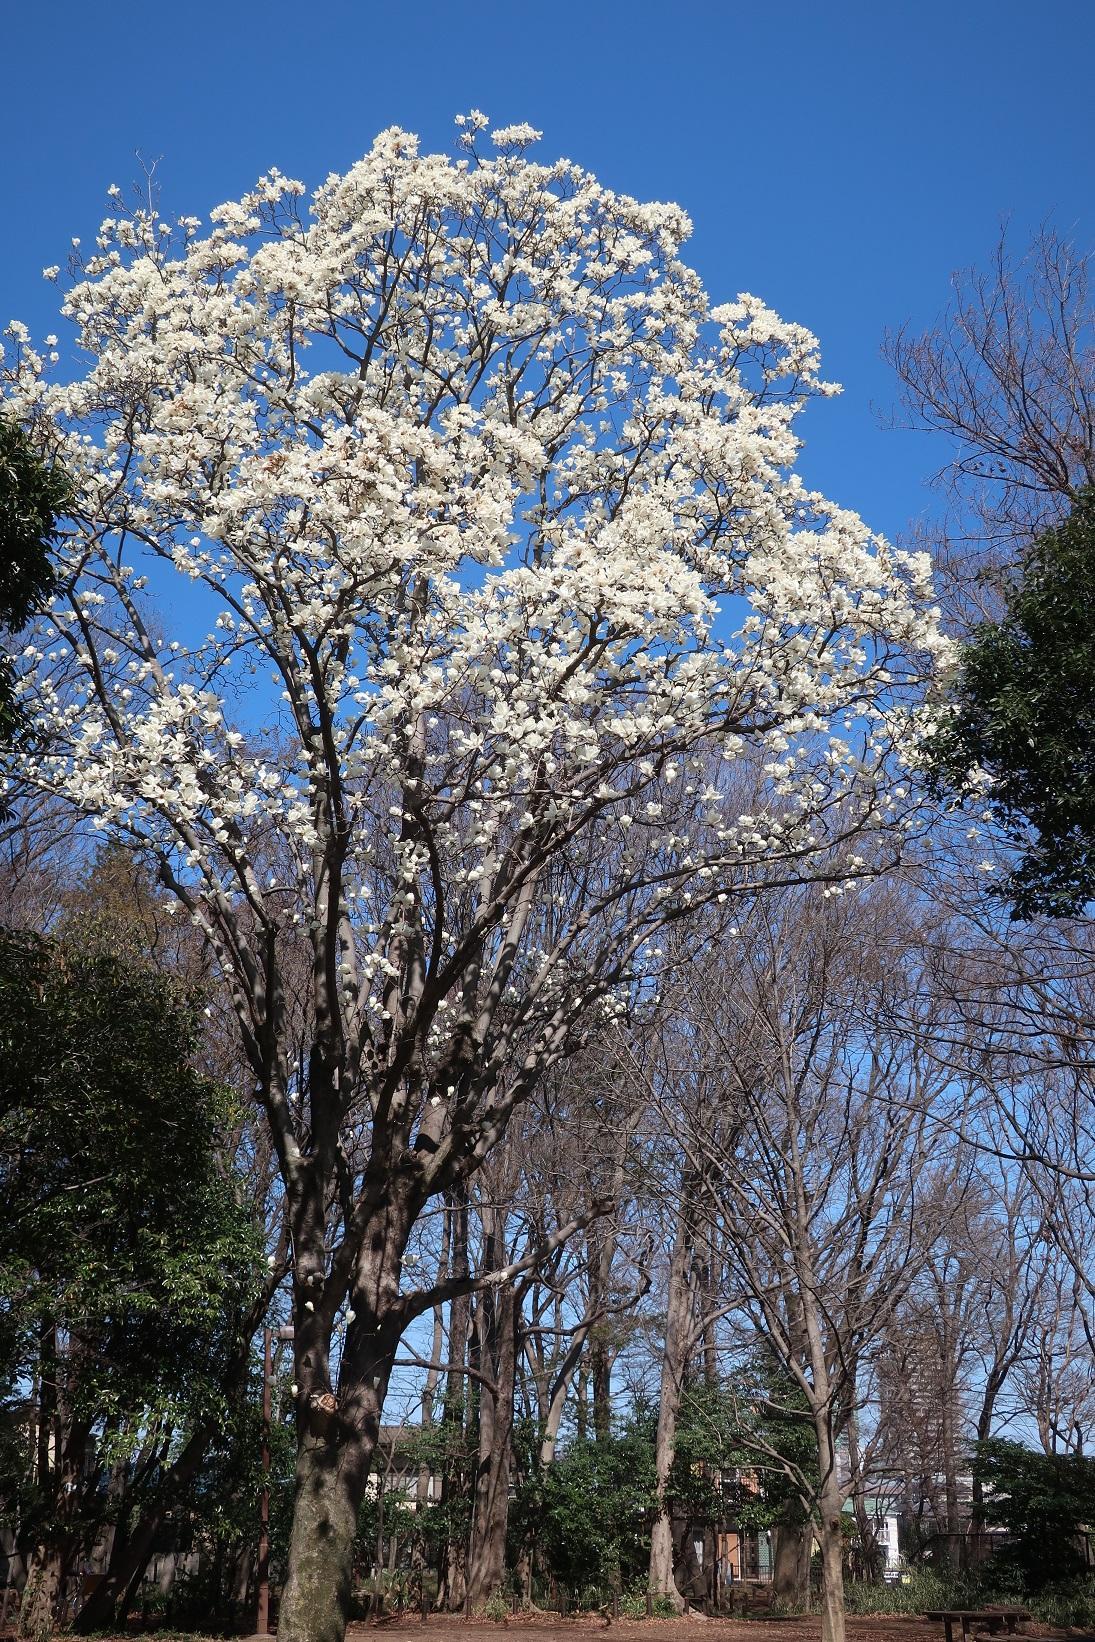 정두의 숲 녹지 하쿠모쿠렌